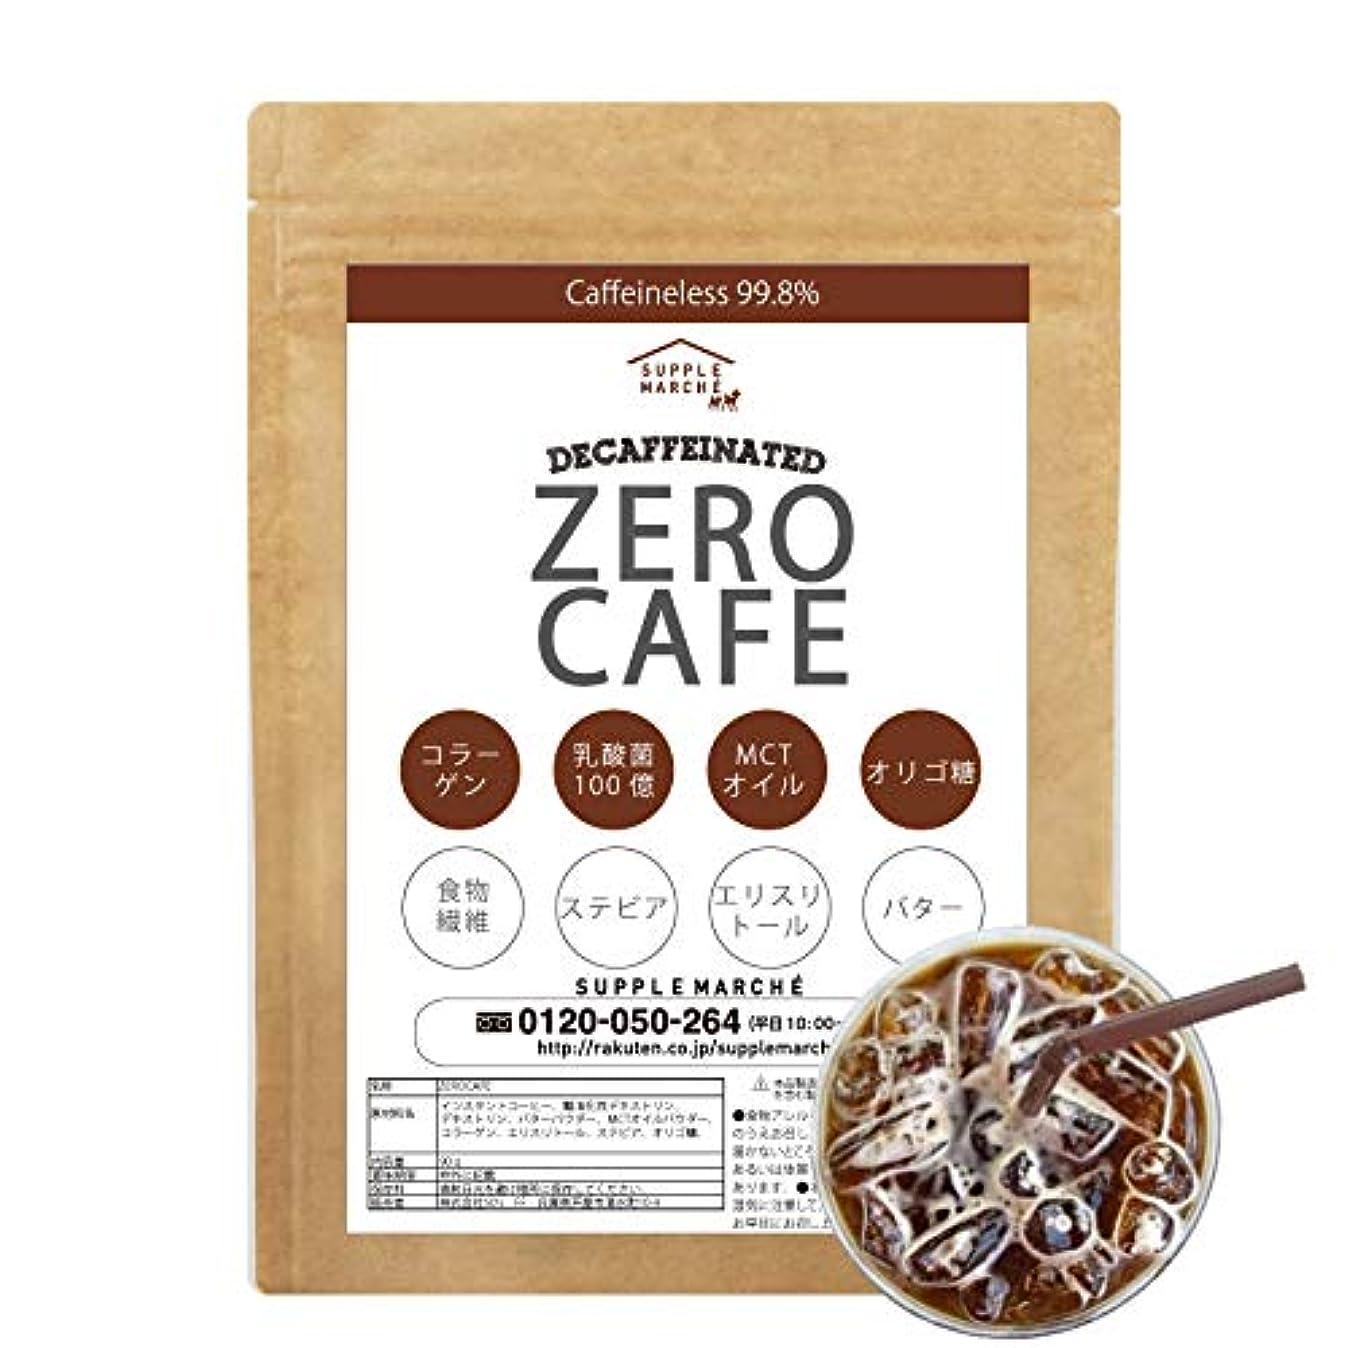 元気地区足音ダイエットコーヒー デカフェ バターコーヒー 90g (約30杯) アイスコーヒー カフェインレス MCTオイル 乳酸菌 コラーゲン オリゴ糖 ダイエット シリコンバレー式